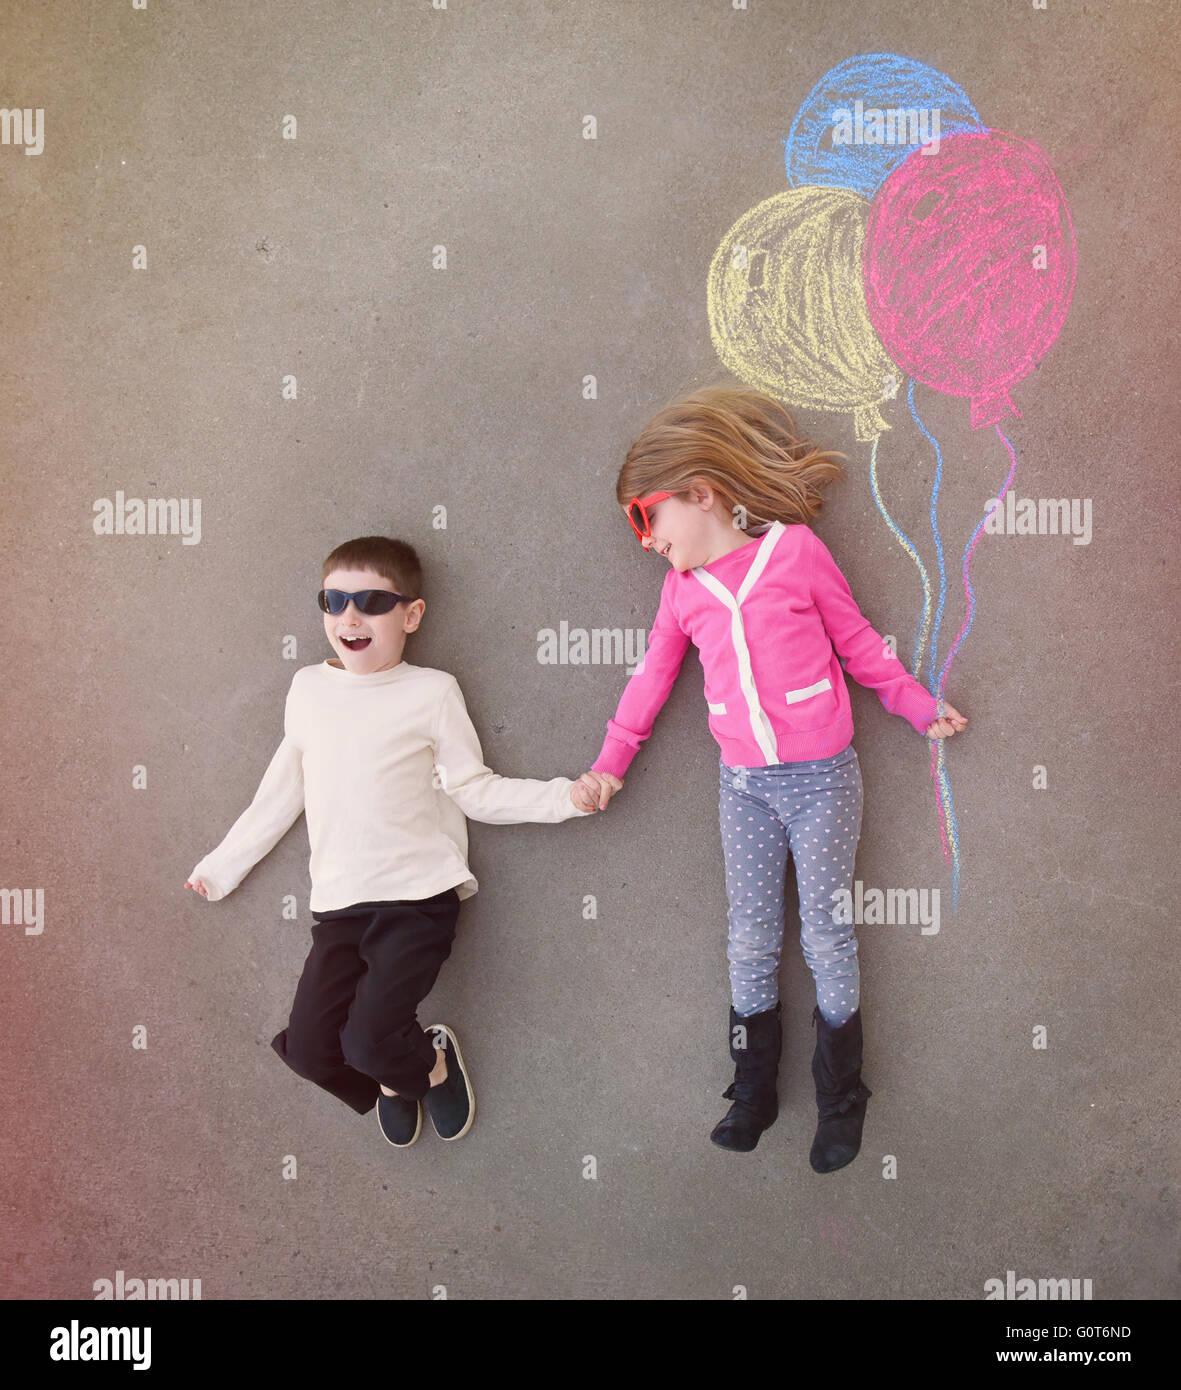 Les enfants sont à l'extérieur tenant la main avec des ballons craie esquissé sur le ciment pour un créatif, artisanale ou jouer concept Banque D'Images